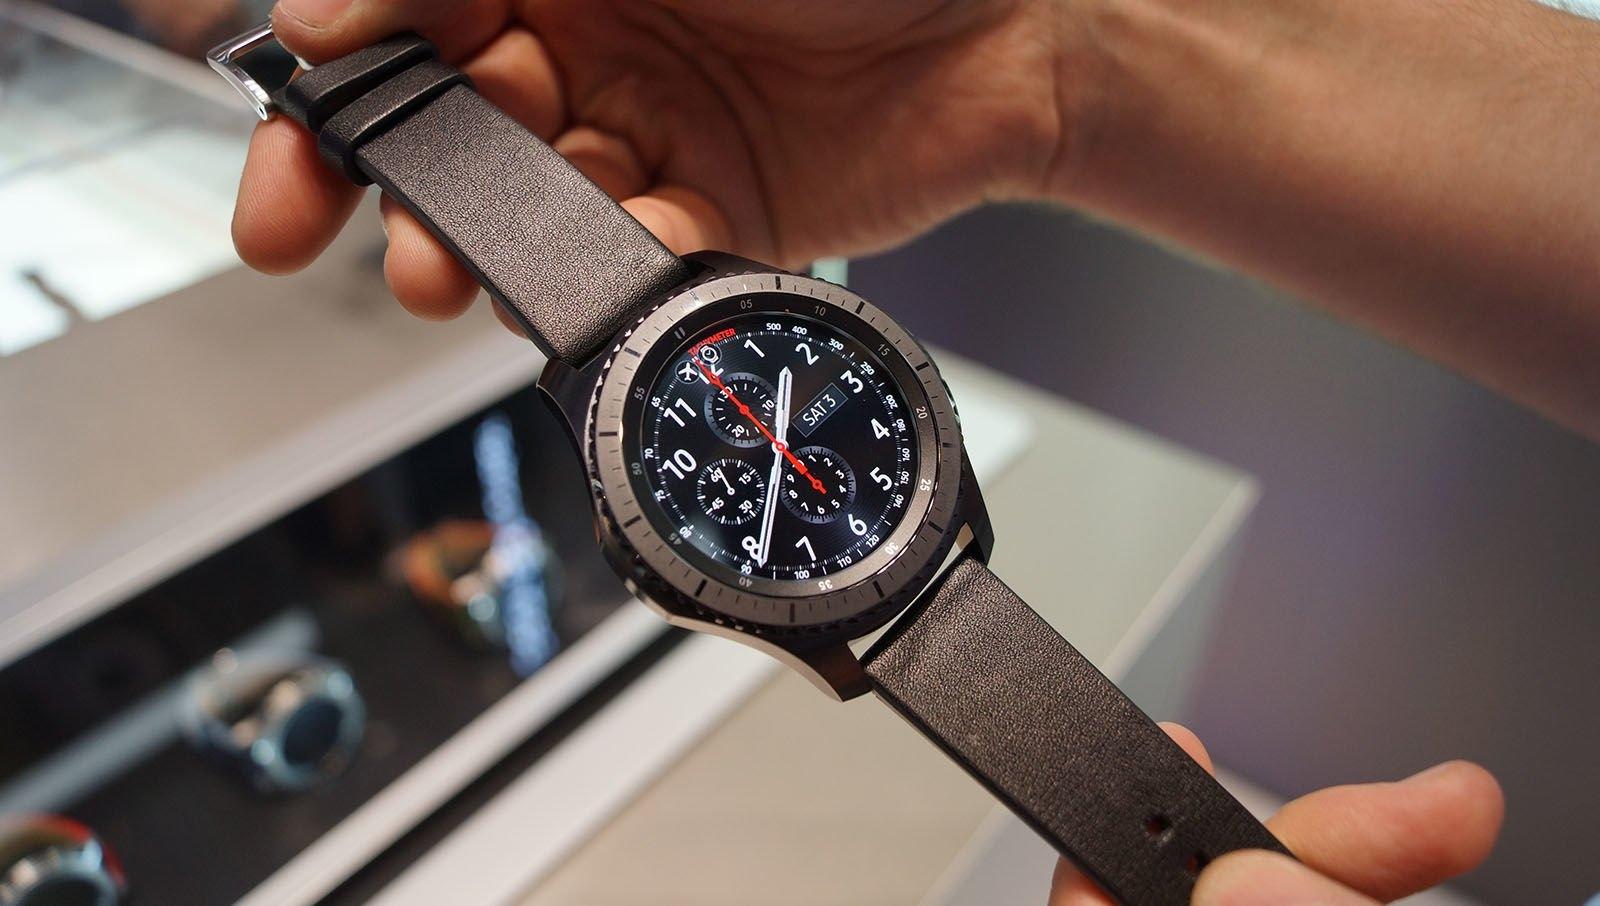 Умные часы для iPhone - рейтинг альтернатив смартчасам Apple Watch 2b261fa52cb48